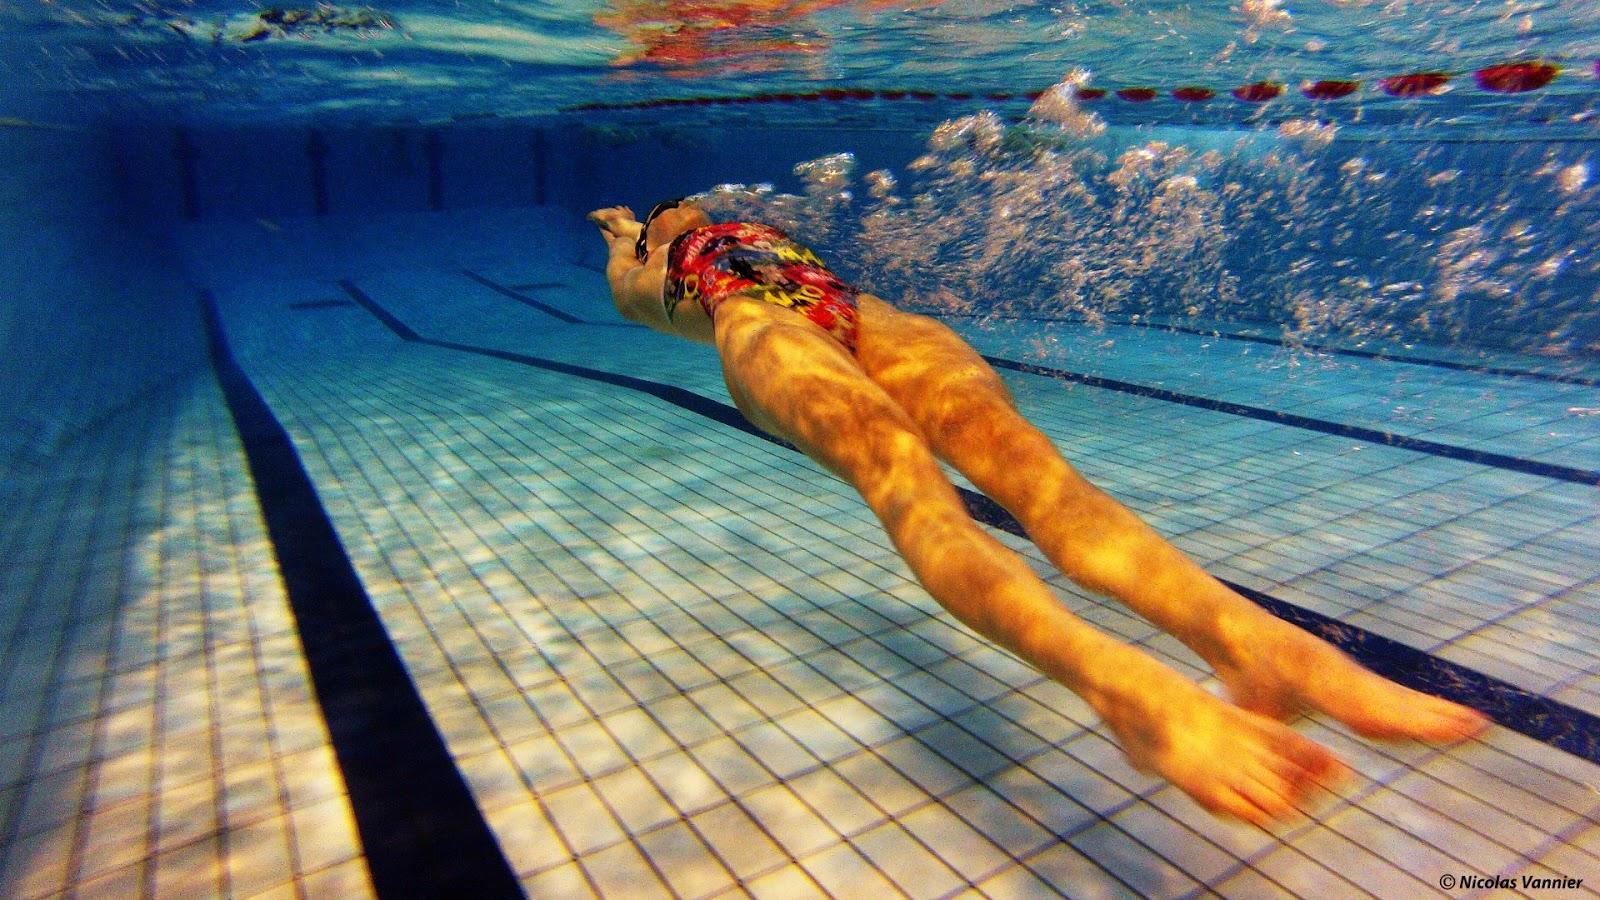 Mako sport championnats de france petit bassin montpellier - Bassin rectangulaire m montpellier ...